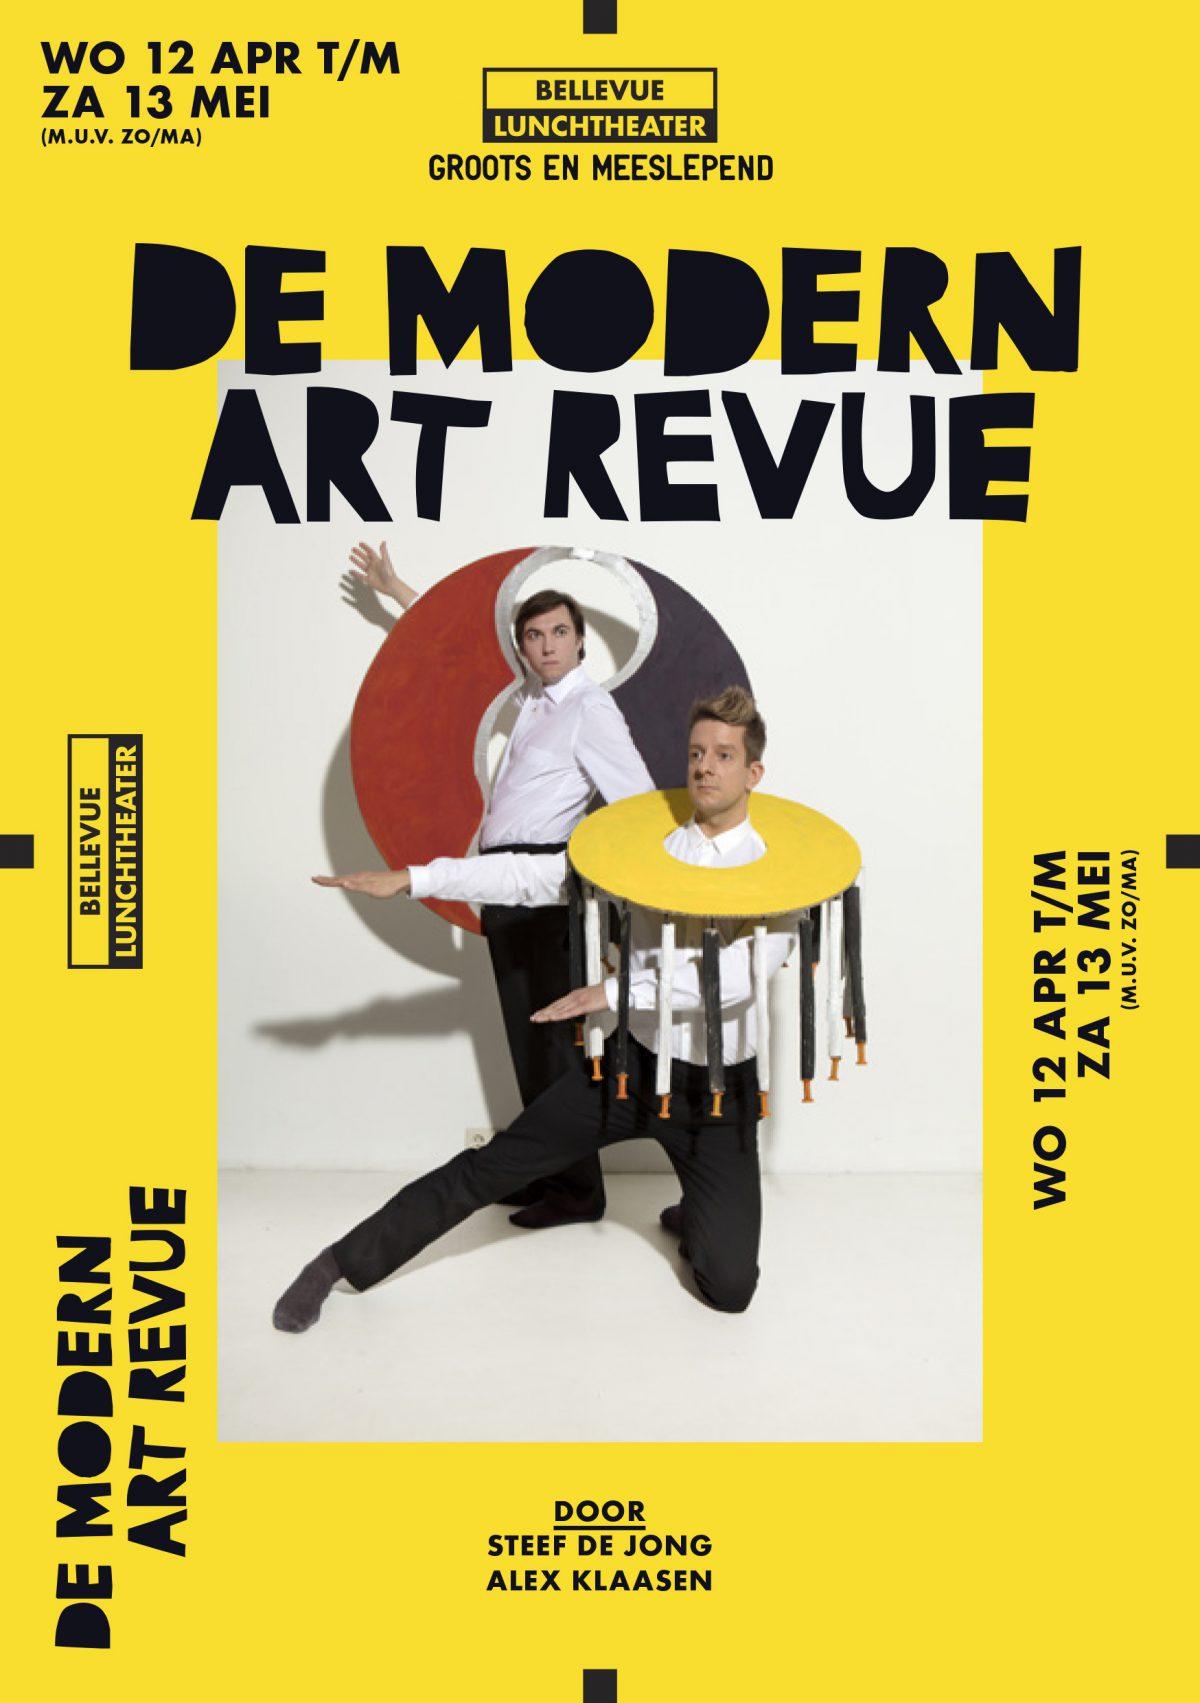 DE MODERN ART REVUE